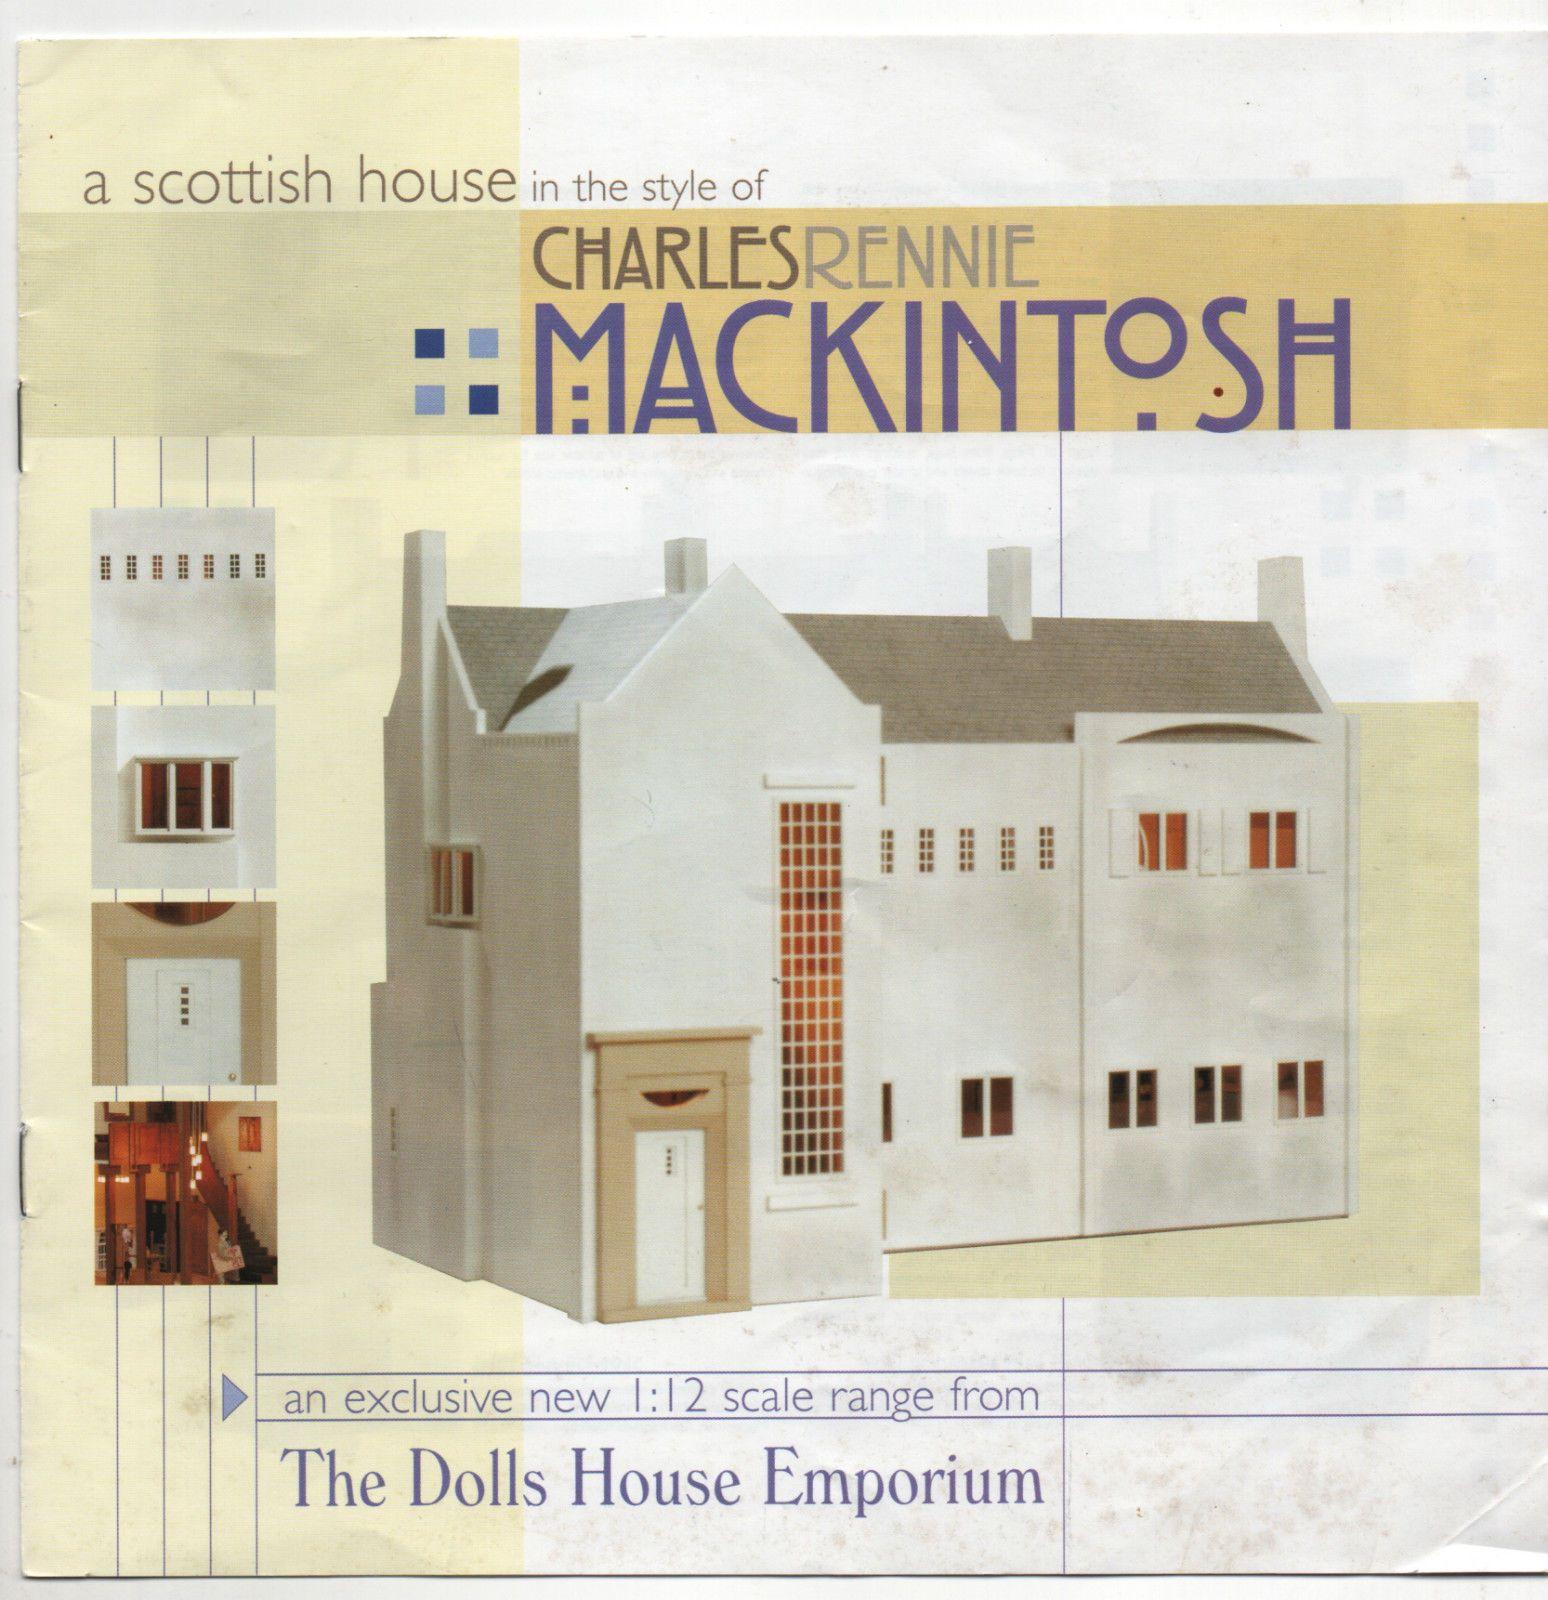 Dolls House Emporium Charles Rennie Mackintosh Catalogue Rare